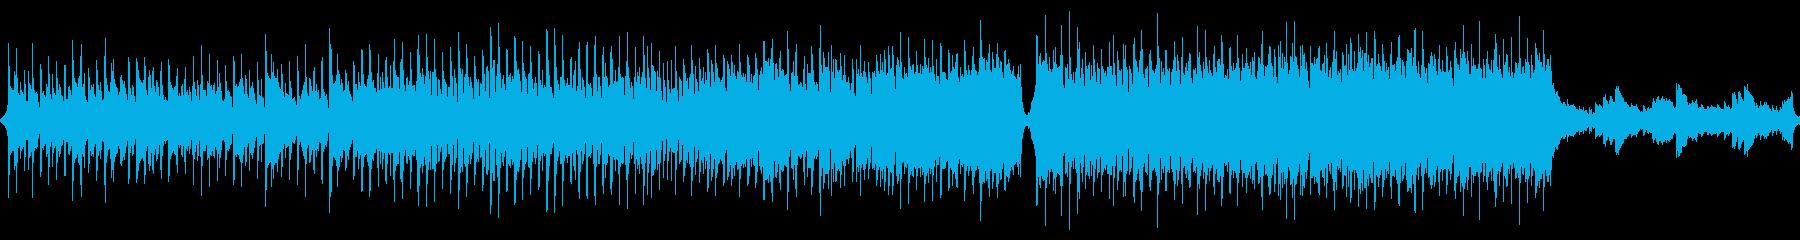 希望・爽やか・感動/オープニング/ループの再生済みの波形